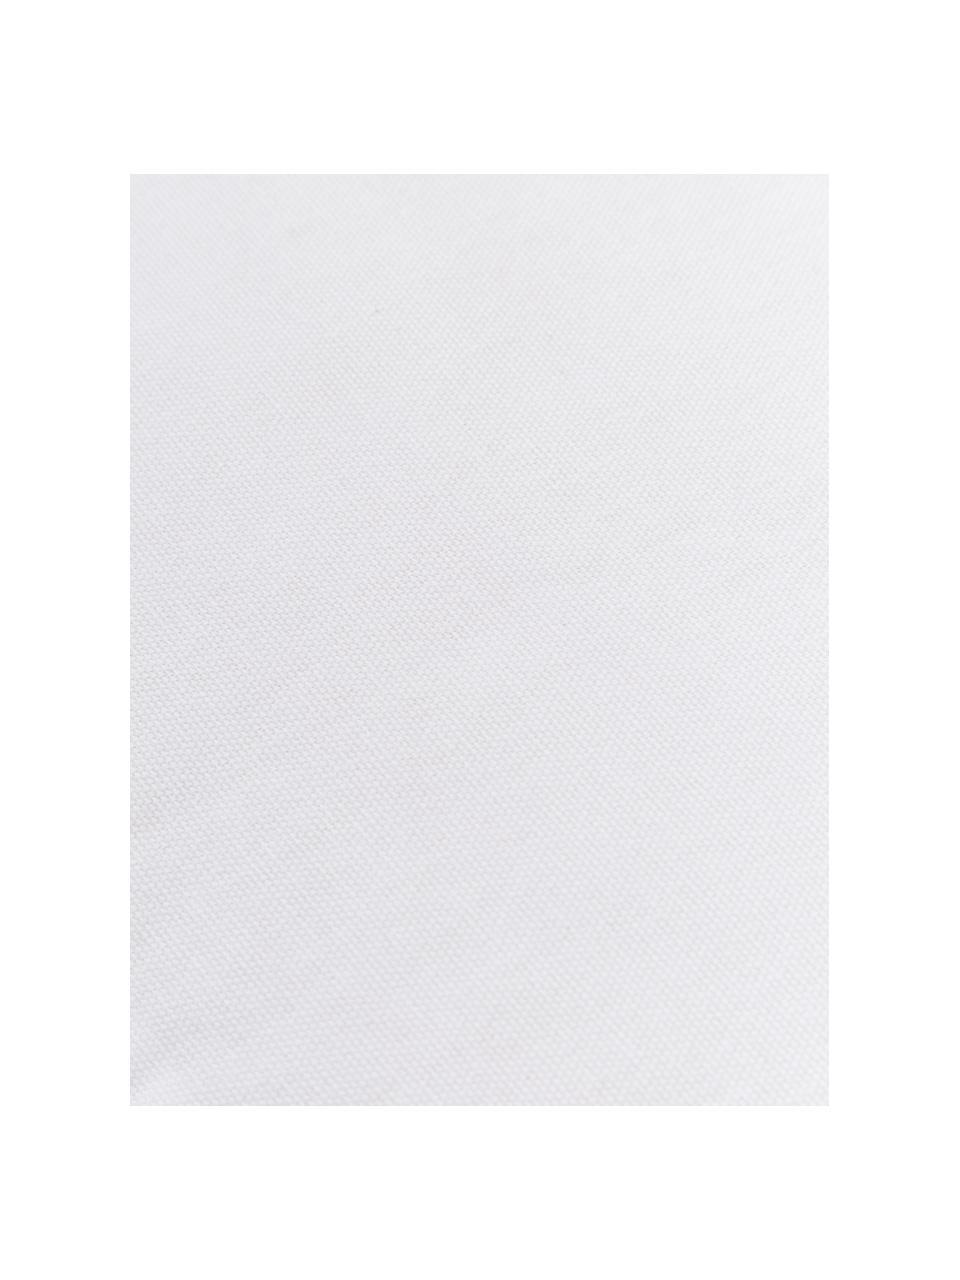 Hohes Sitzkissen Zoey in Weiß, Bezug: 100% Baumwolle, Weiß, 40 x 40 cm